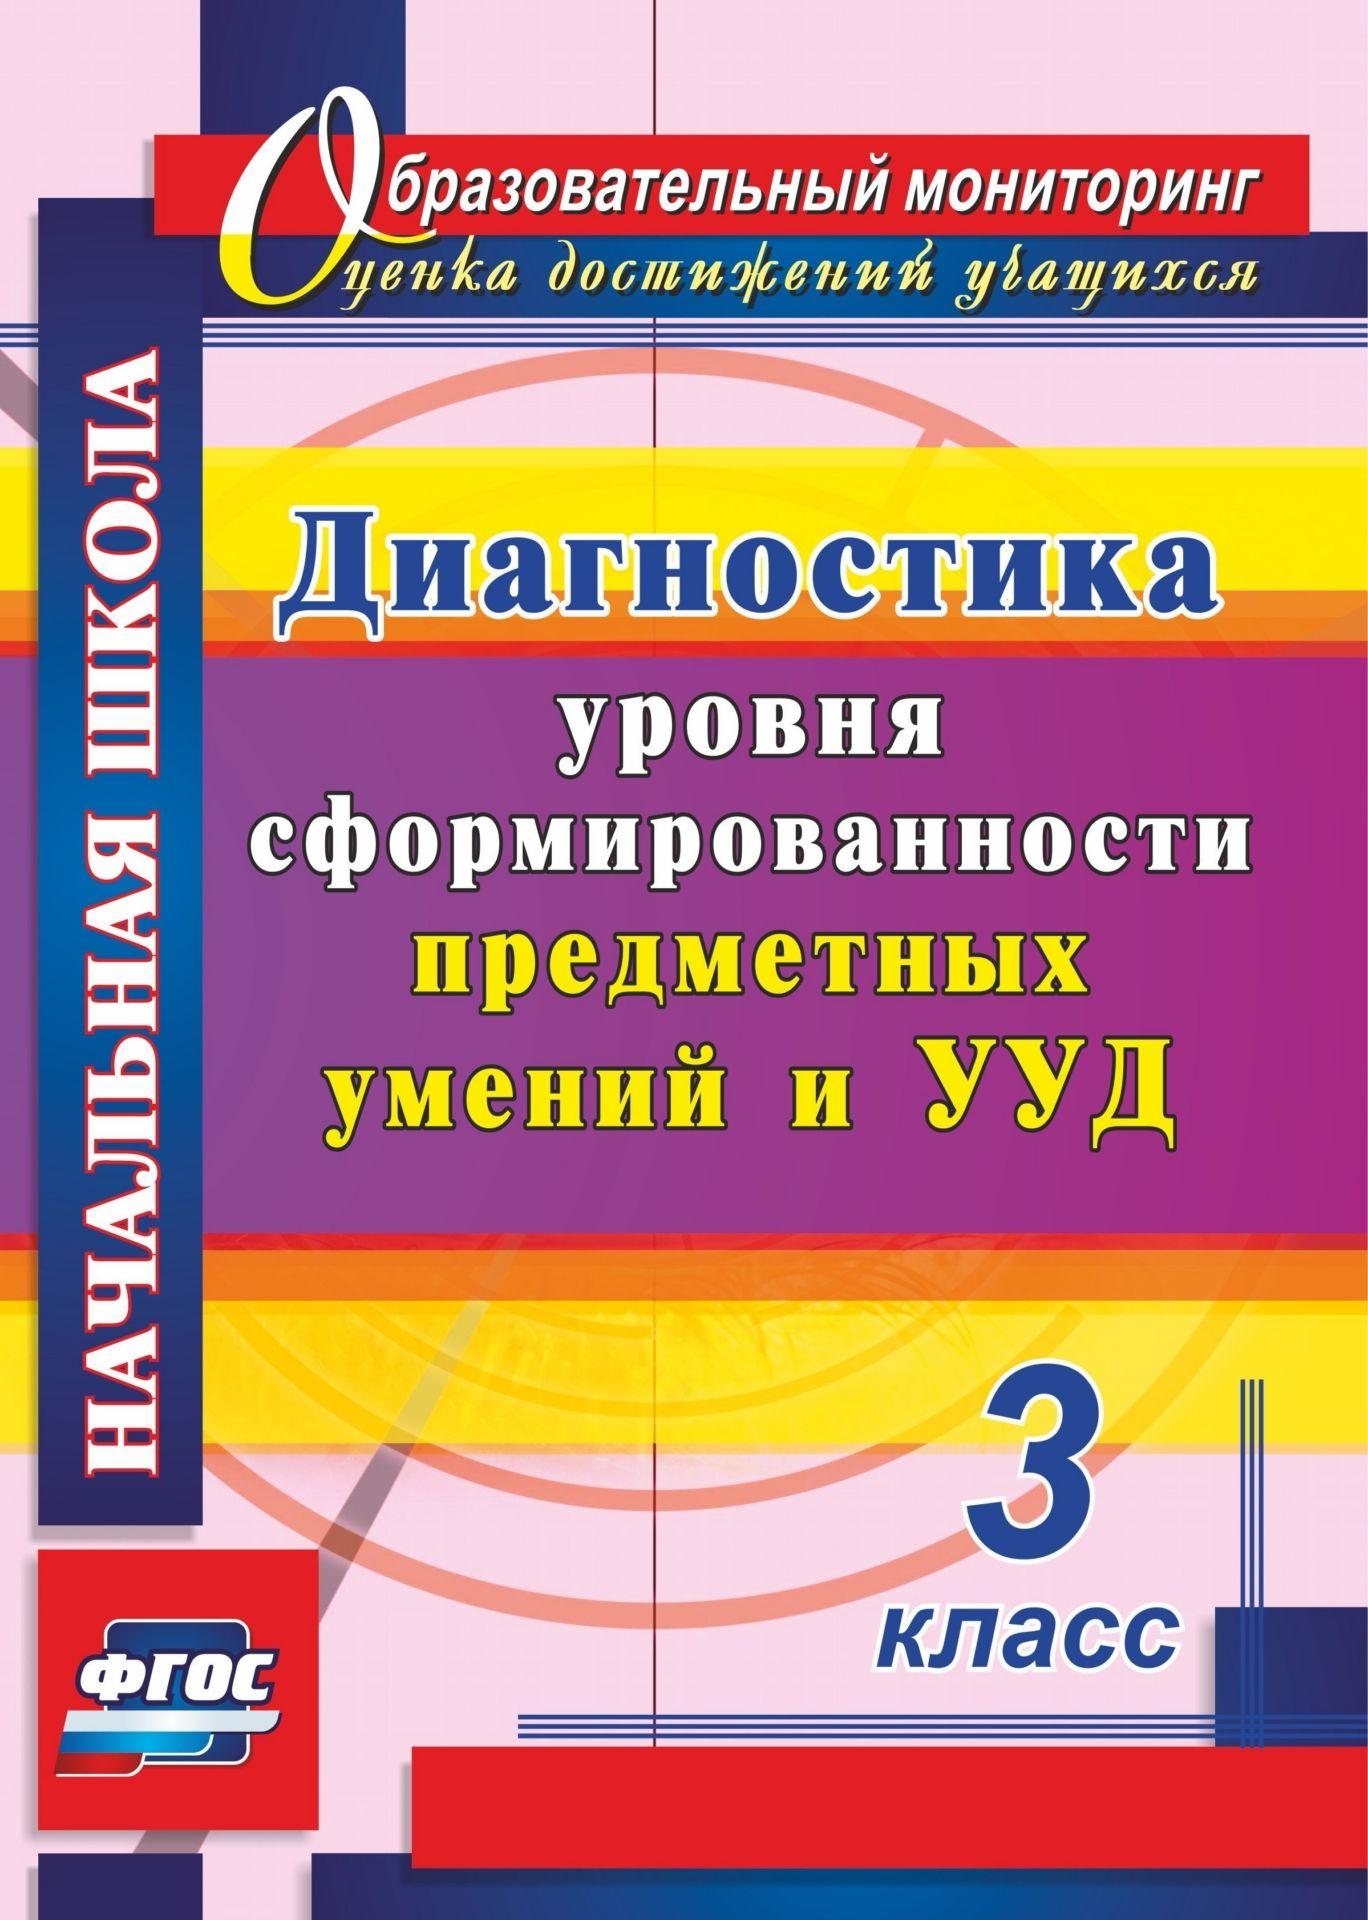 Диагностика уровня сформированности предметных умений и УУД. 3 классНачальная школа<br>В пособии предложены контрольные работы с ответами по русскому языку, литературному чтению, математике, окружающему миру для 3 класса, составленные в соответствии с ФГОС НОО и представленные в форме тестов с разноуровневыми заданиями. Определить уровень с...<br><br>Авторы: Исакова О. А., Лаврентьева Т.М.<br>Год: 2017<br>Серия: Образовательный мониторинг. Оценка достижений учащихся<br>ISBN: 978-5-7057-4166-3, 978-5-7057-5142-6<br>Высота: 285<br>Ширина: 203<br>Толщина: 11<br>Переплёт: мягкая, склейка